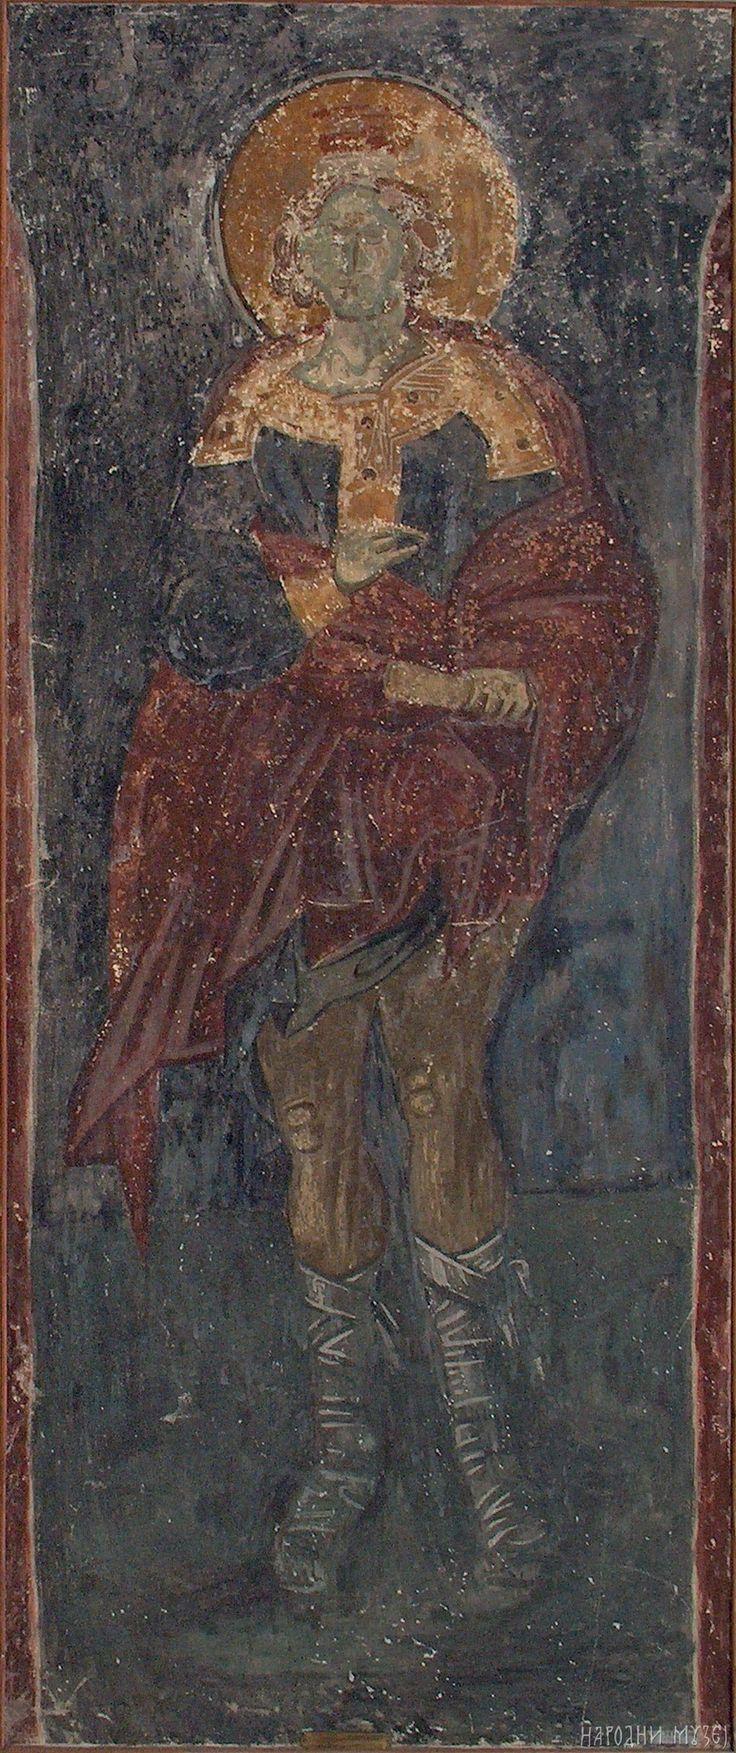 Освит ренесансе – Нова слика света на српским фрескама 14. века «  Народни музеј у Београду